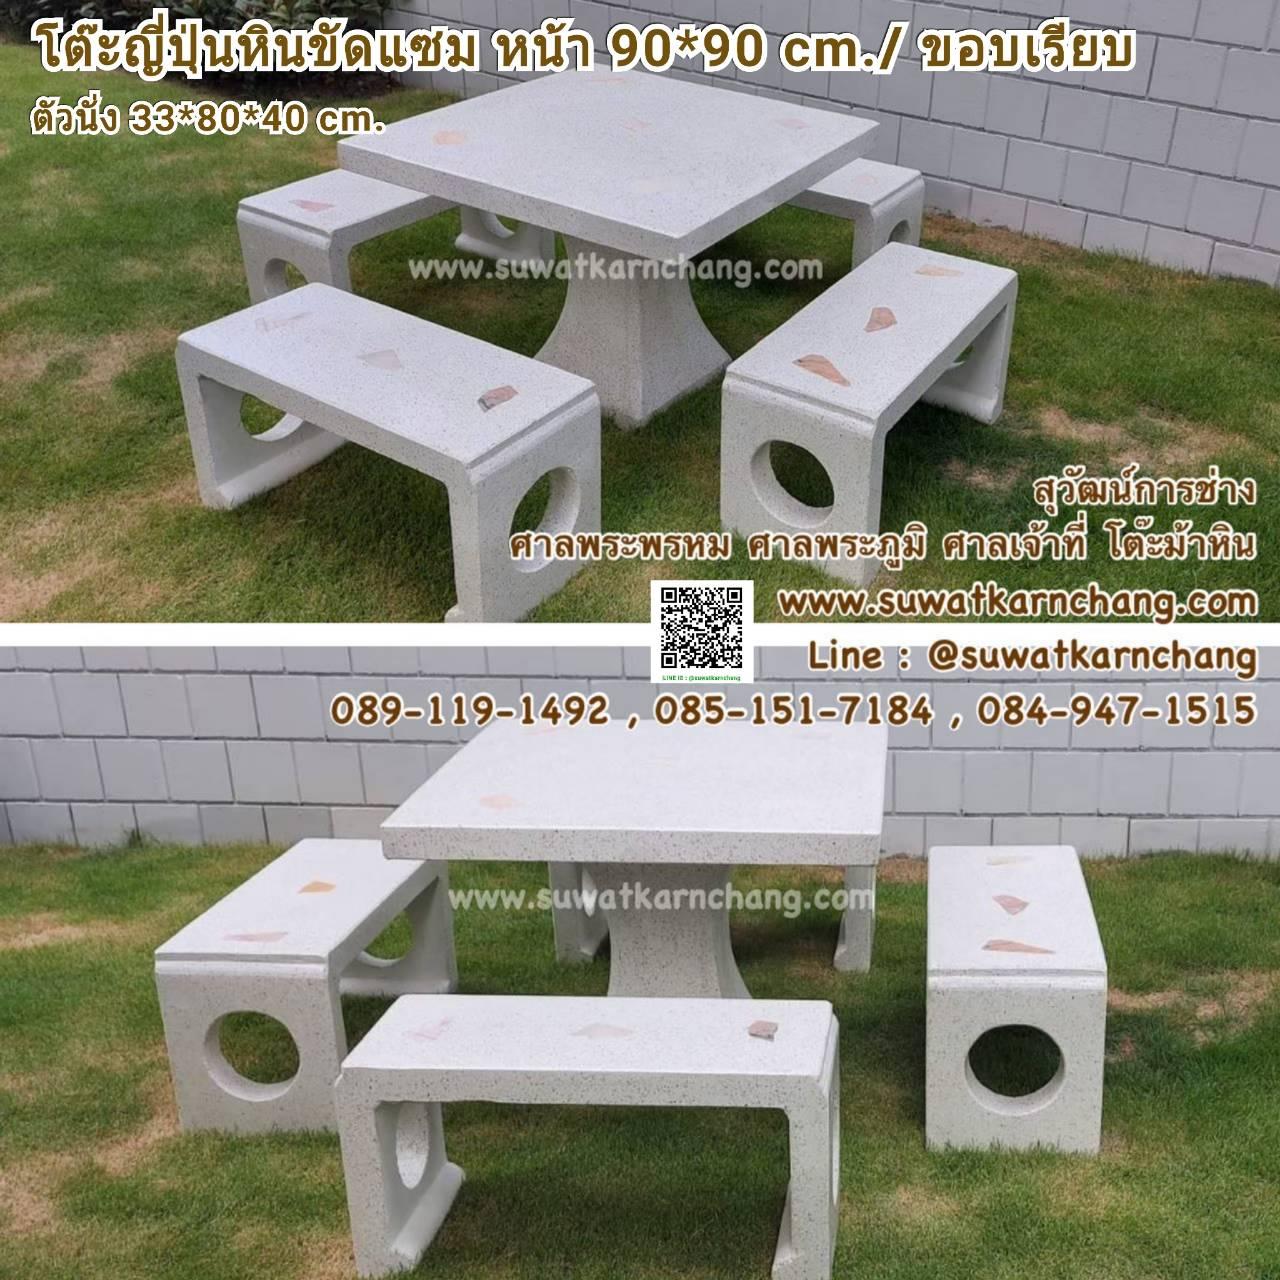 โต๊ะญี่ปุ่นหินขัดแซม แบบขอบเรียบ หน้า 90 ซม.